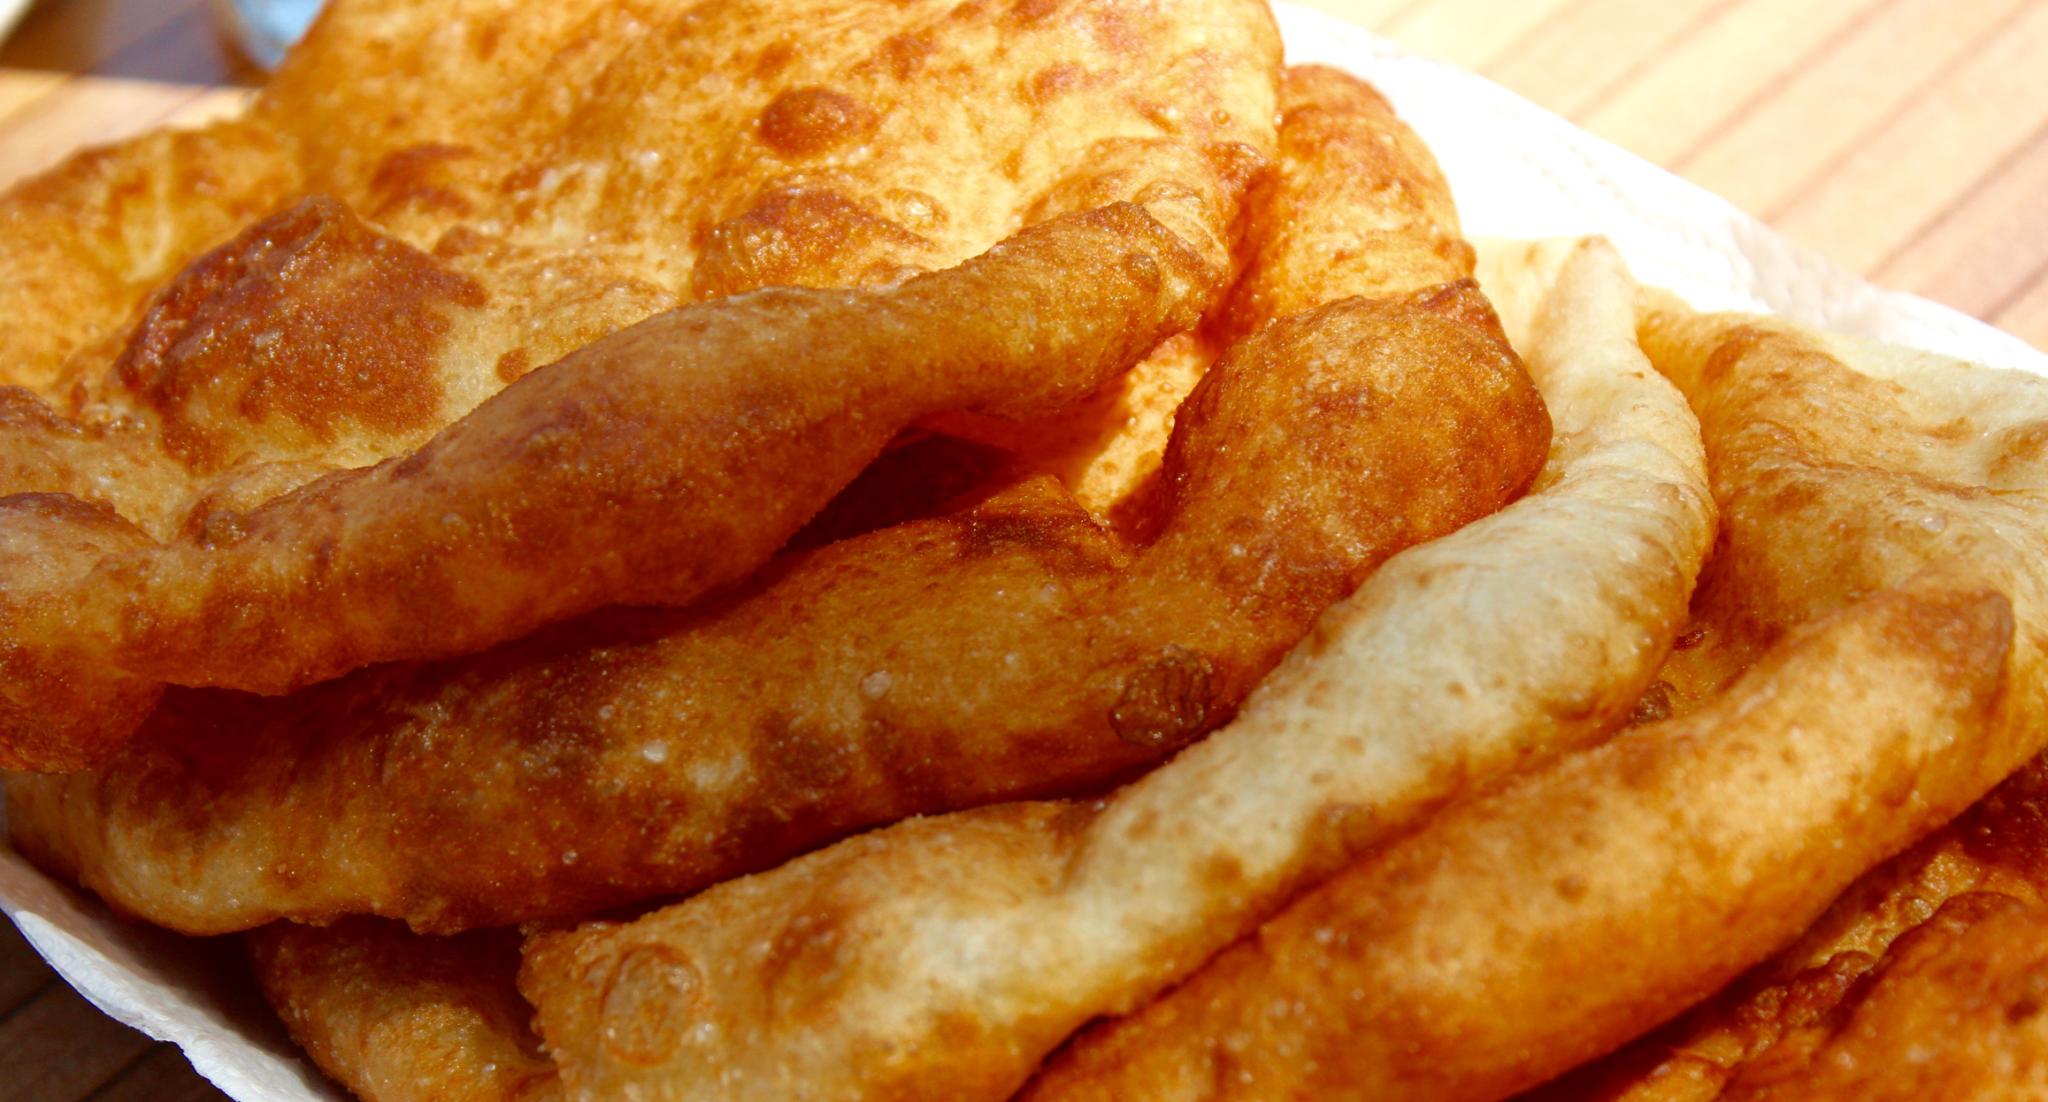 Opskrift på Pişi - Tyrkiske pandekagebrød. • Alanya.Dk